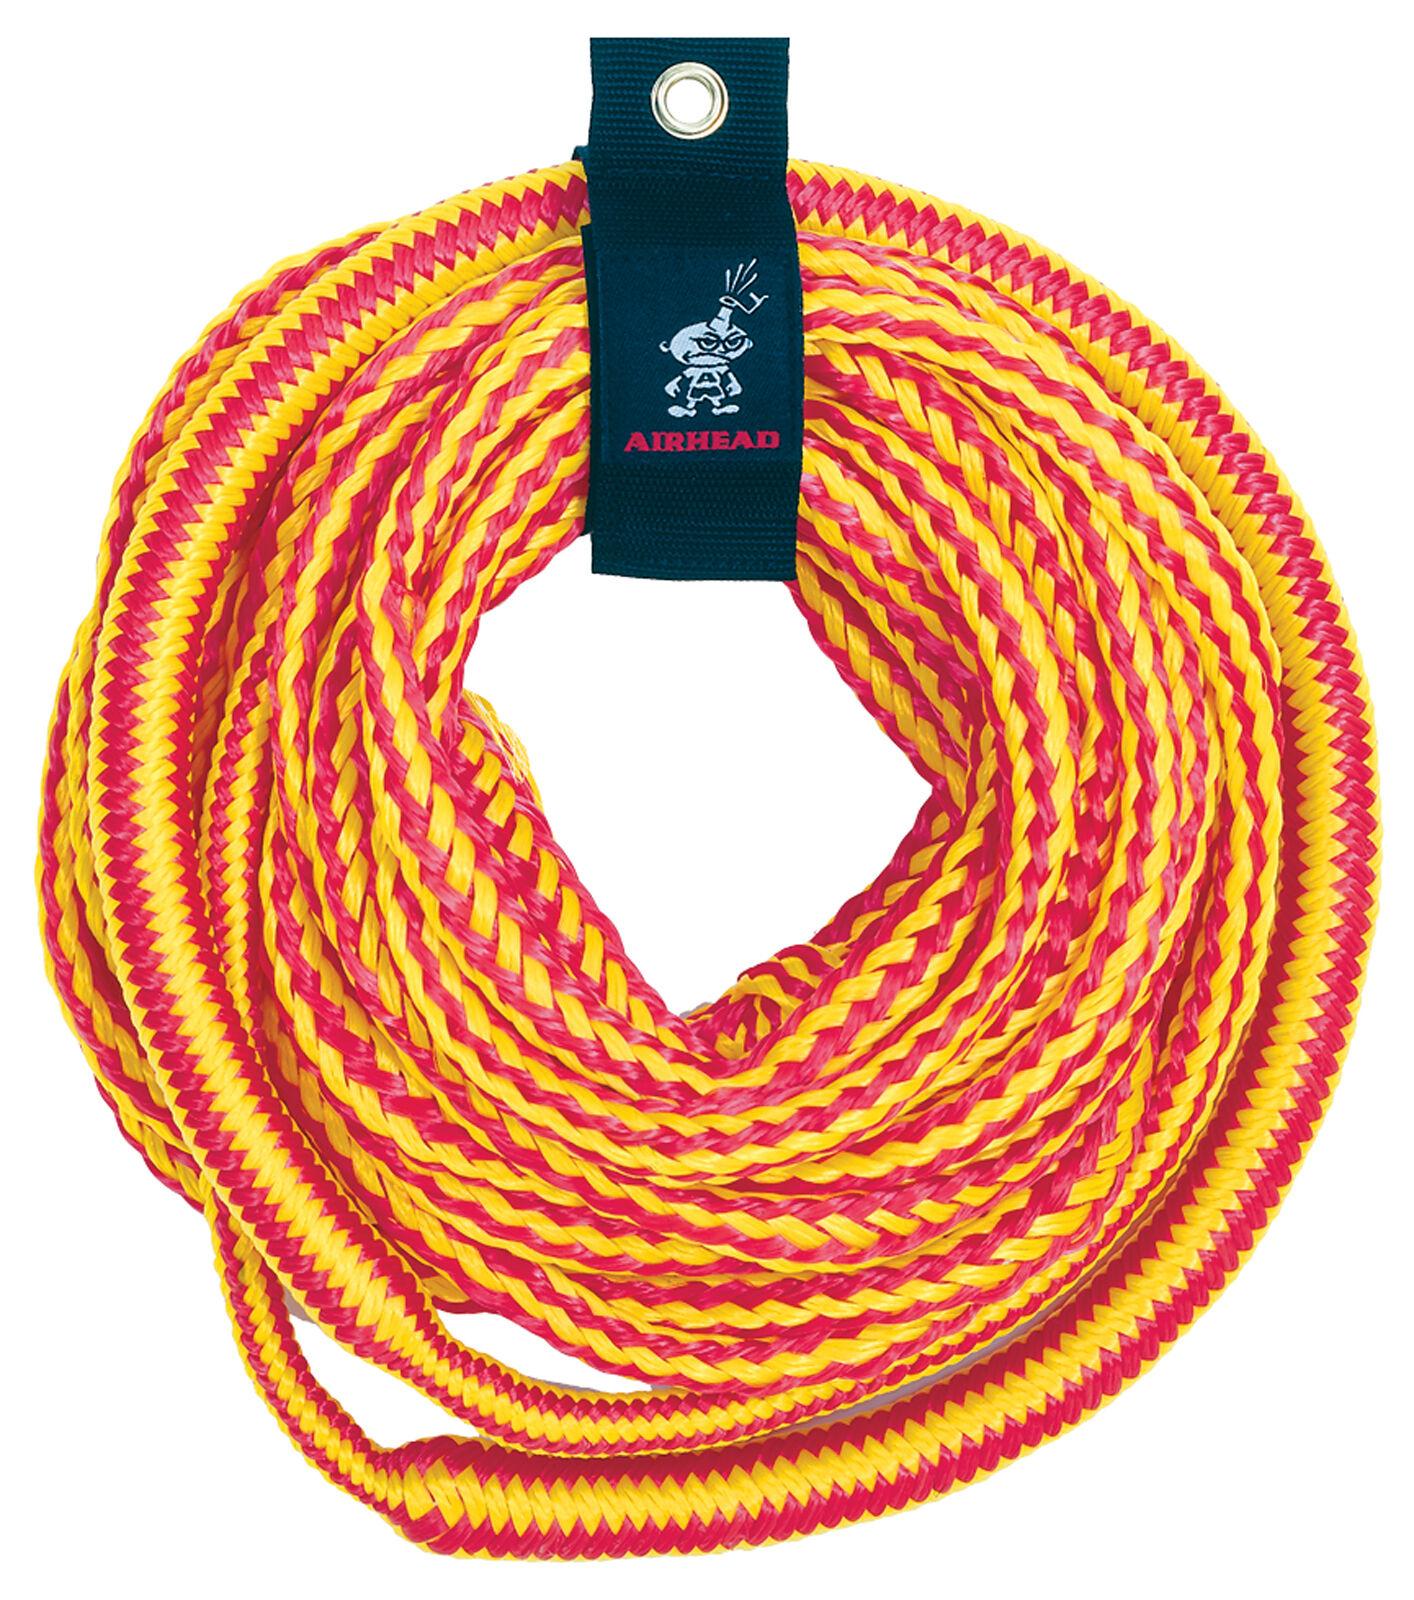 Airhead  Bungee TubeTowableTow Rope Waterski Ski Rope 50ft c w rope caddy